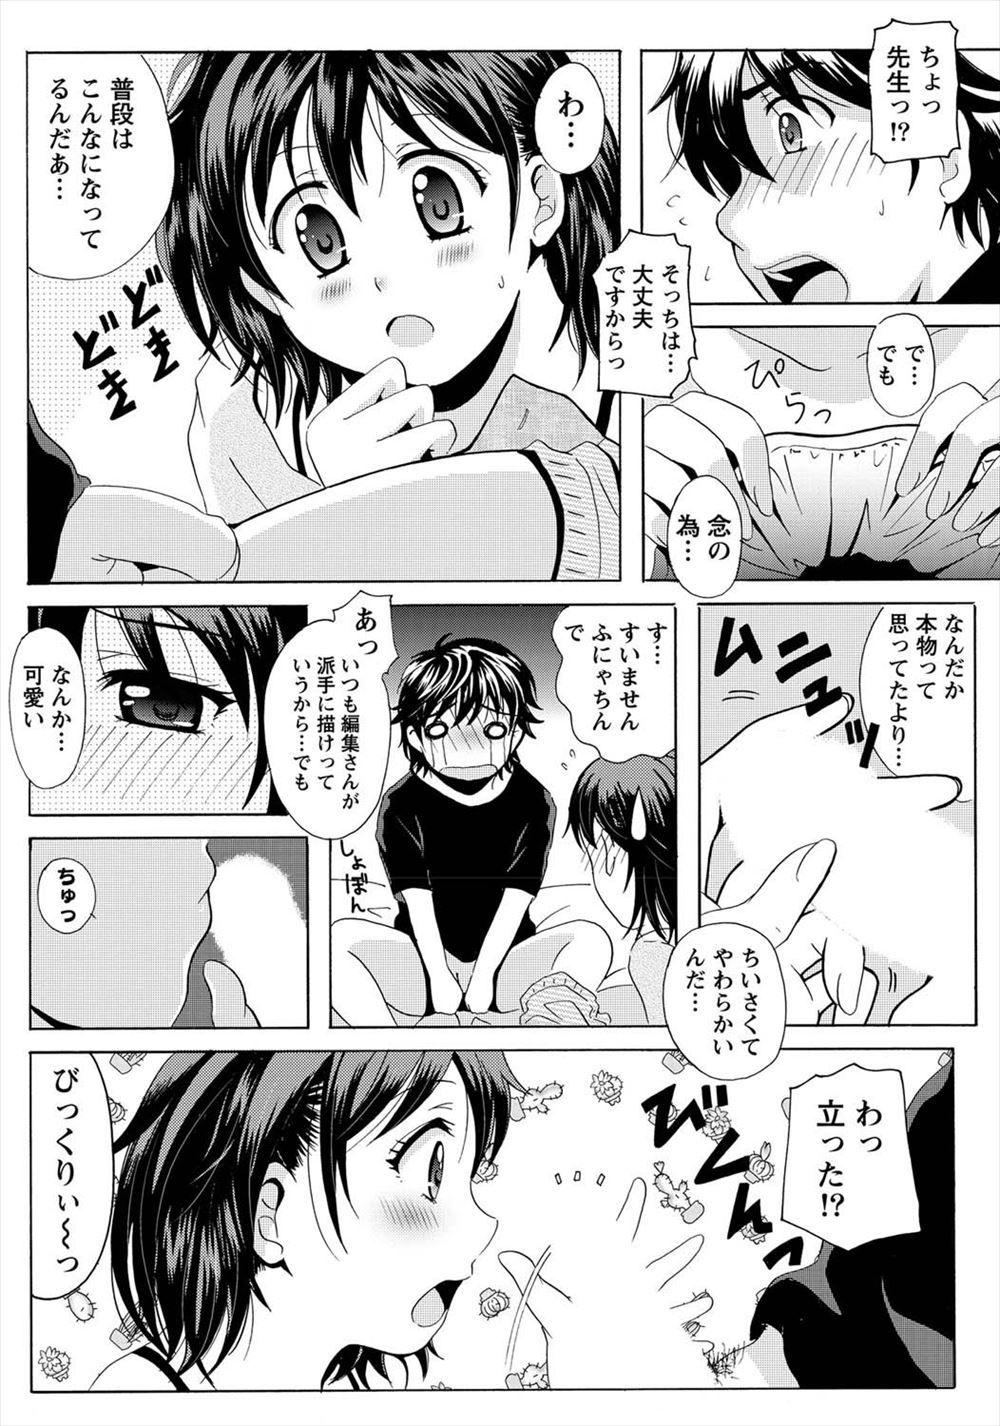 【エロ同人・エロ漫画】女性エロ漫画家のアシスタントとしたらエッチなことをしたらもっといい漫画を描くためにセックスすることになったwww 013